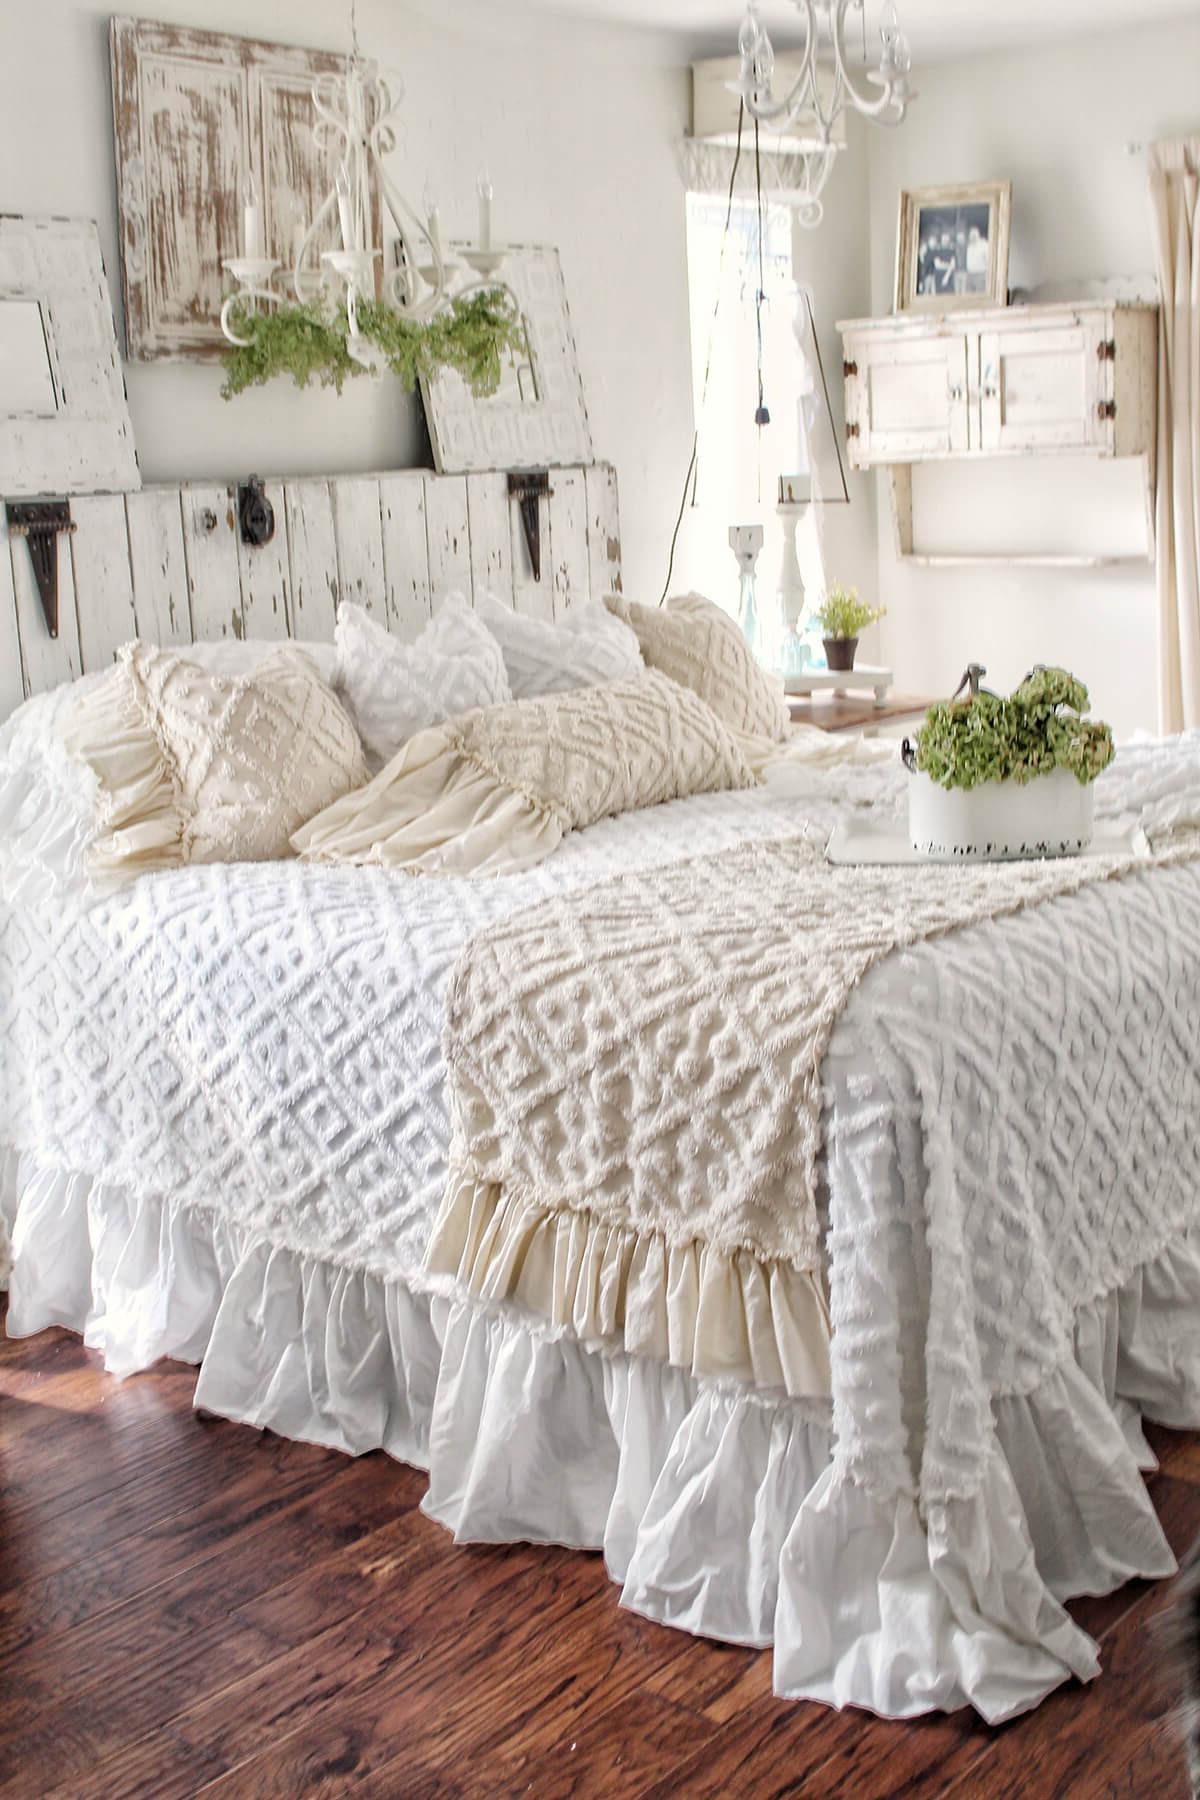 Les couvertures blanches du lit éclairent toute la chambre.